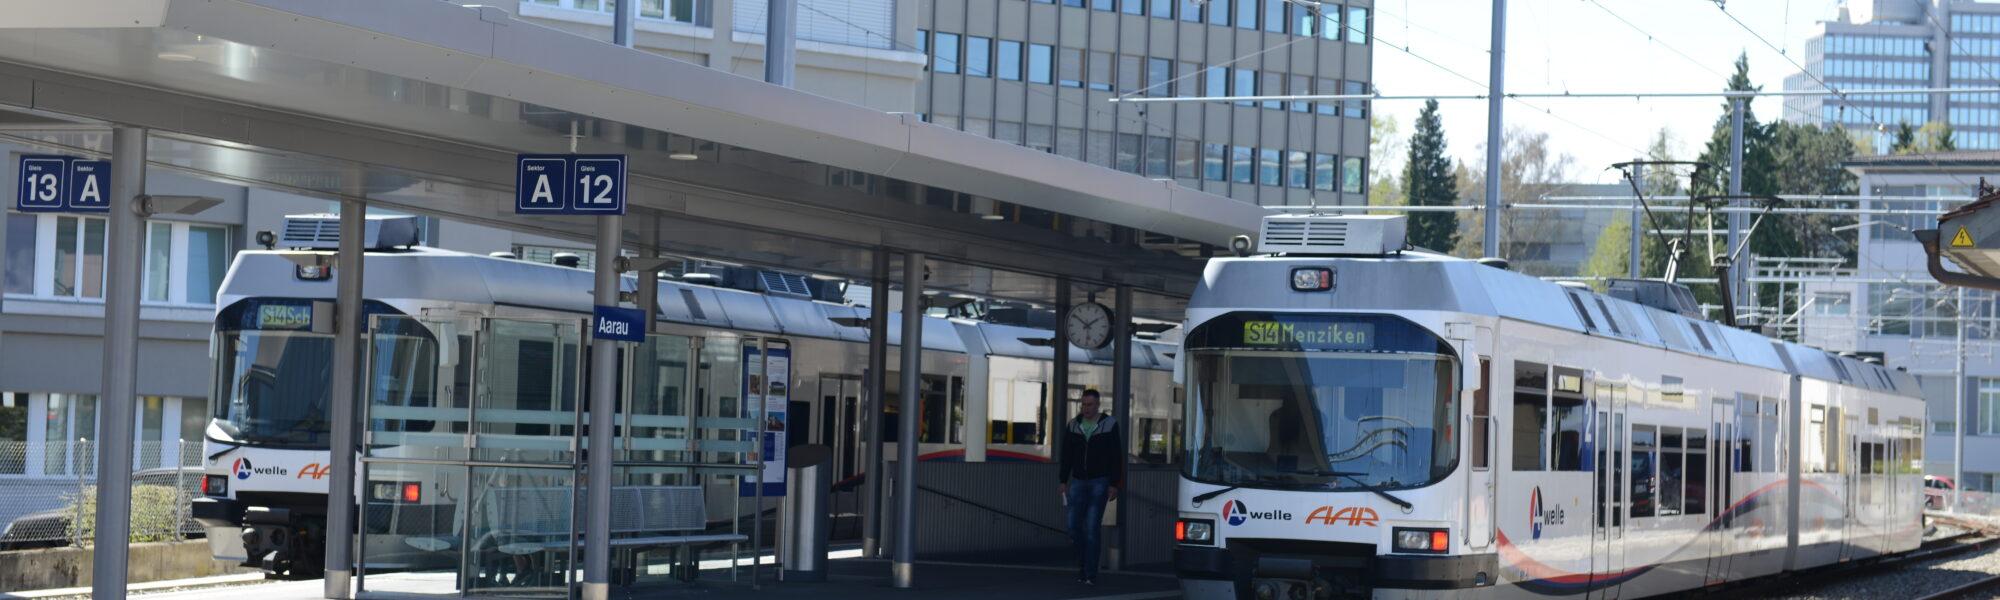 Anreise und Mobilität